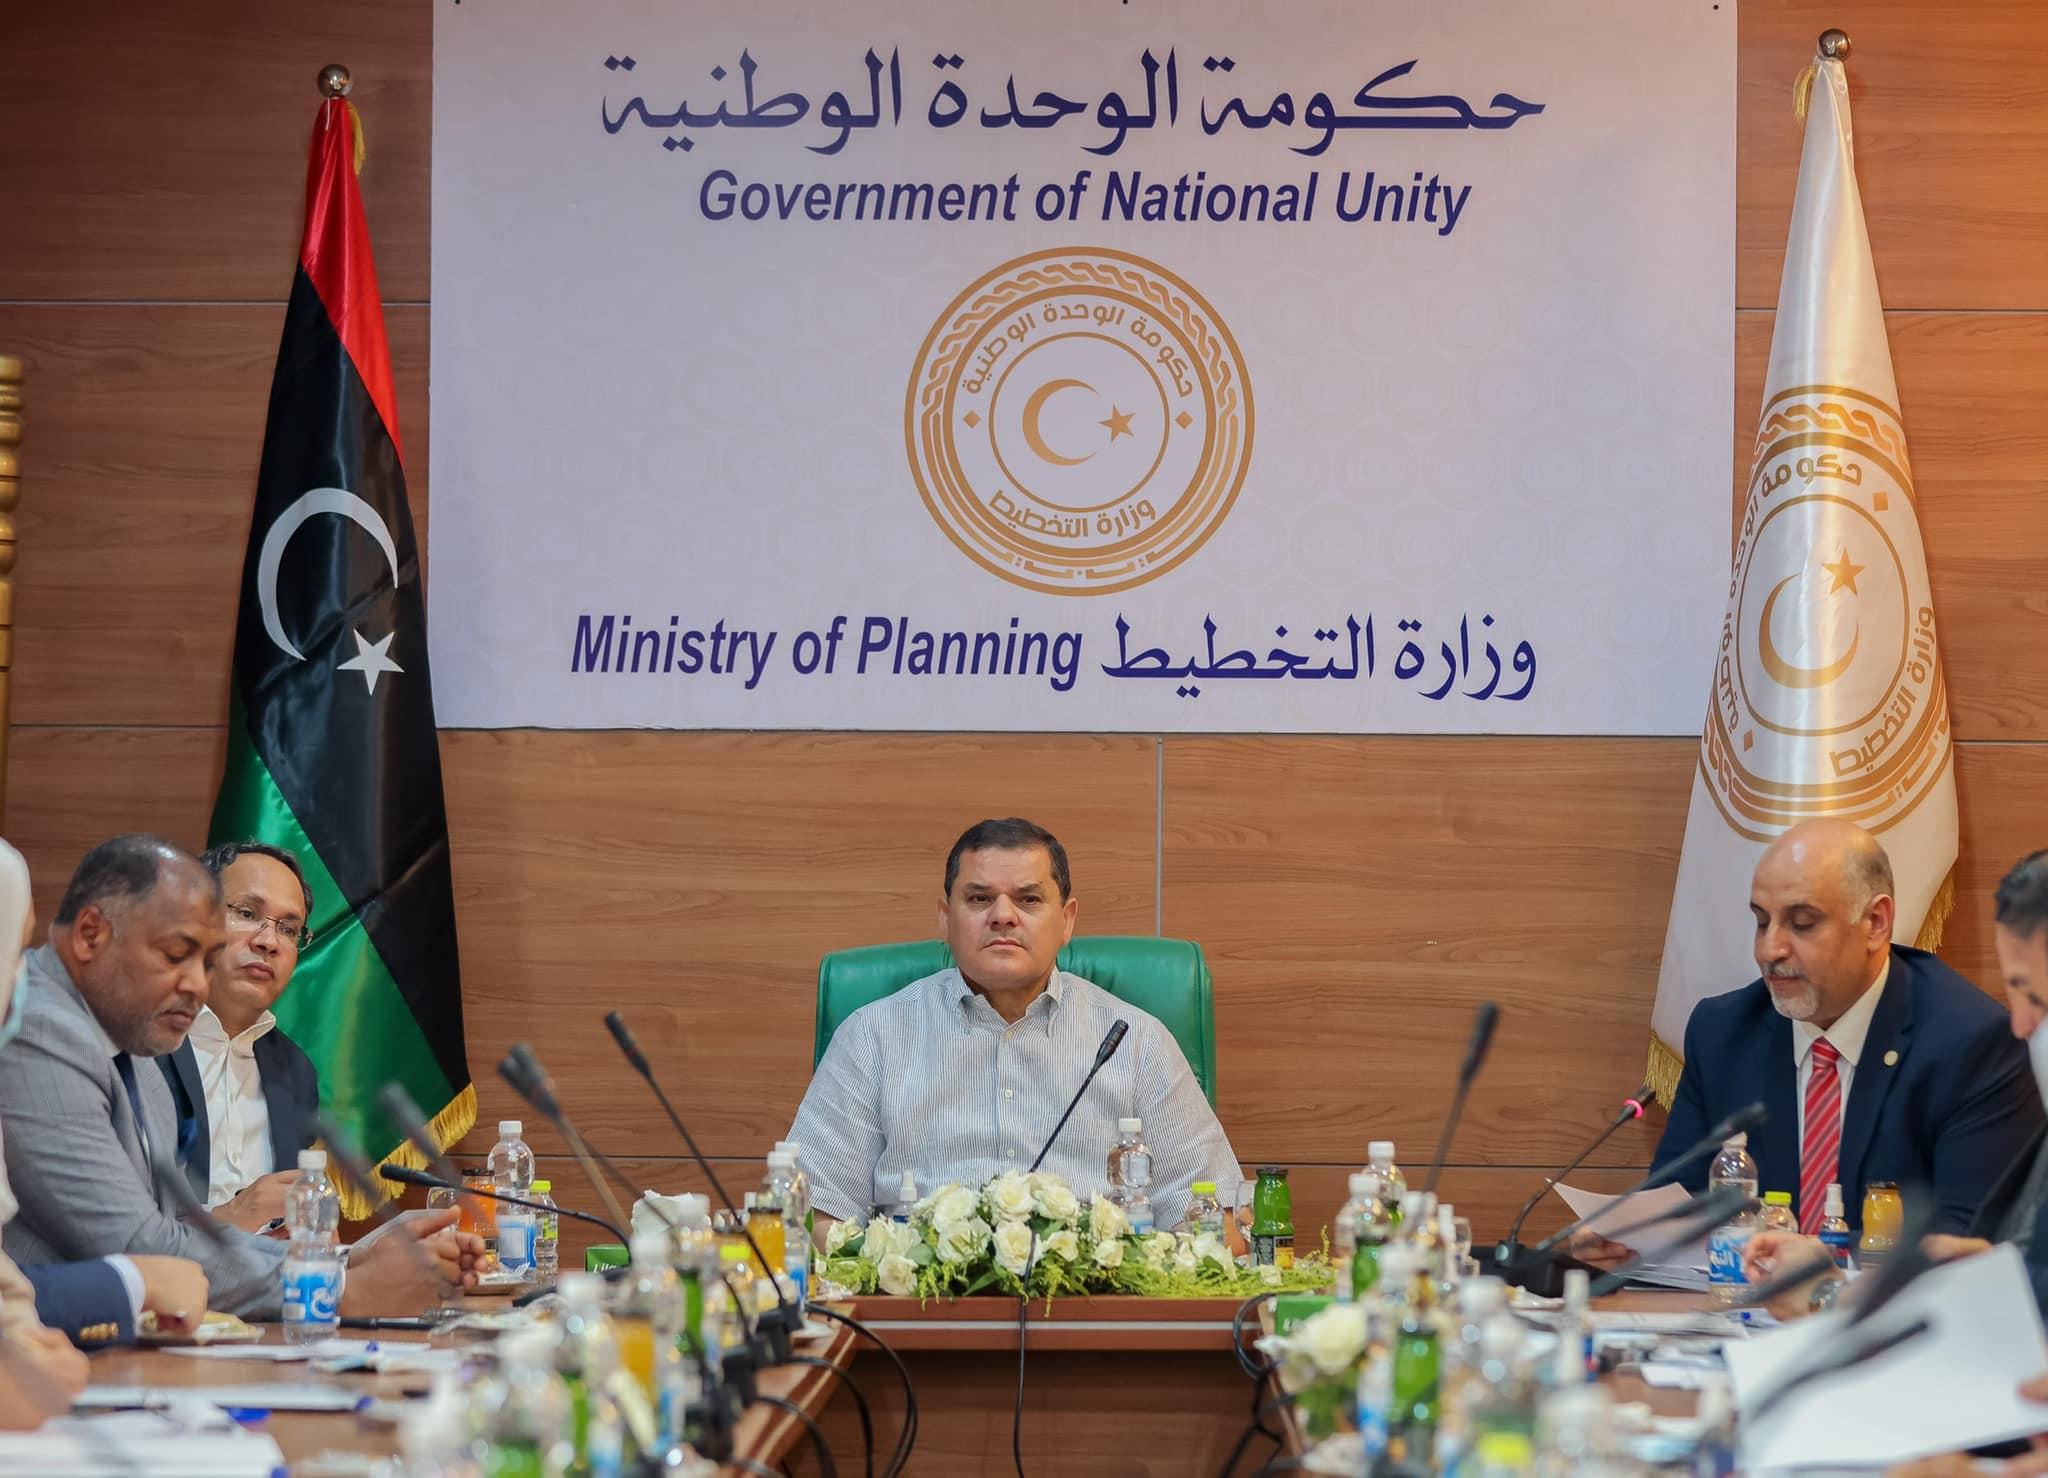 حكومة الوحدة الوطنية، عبد الحميد الدبيبة